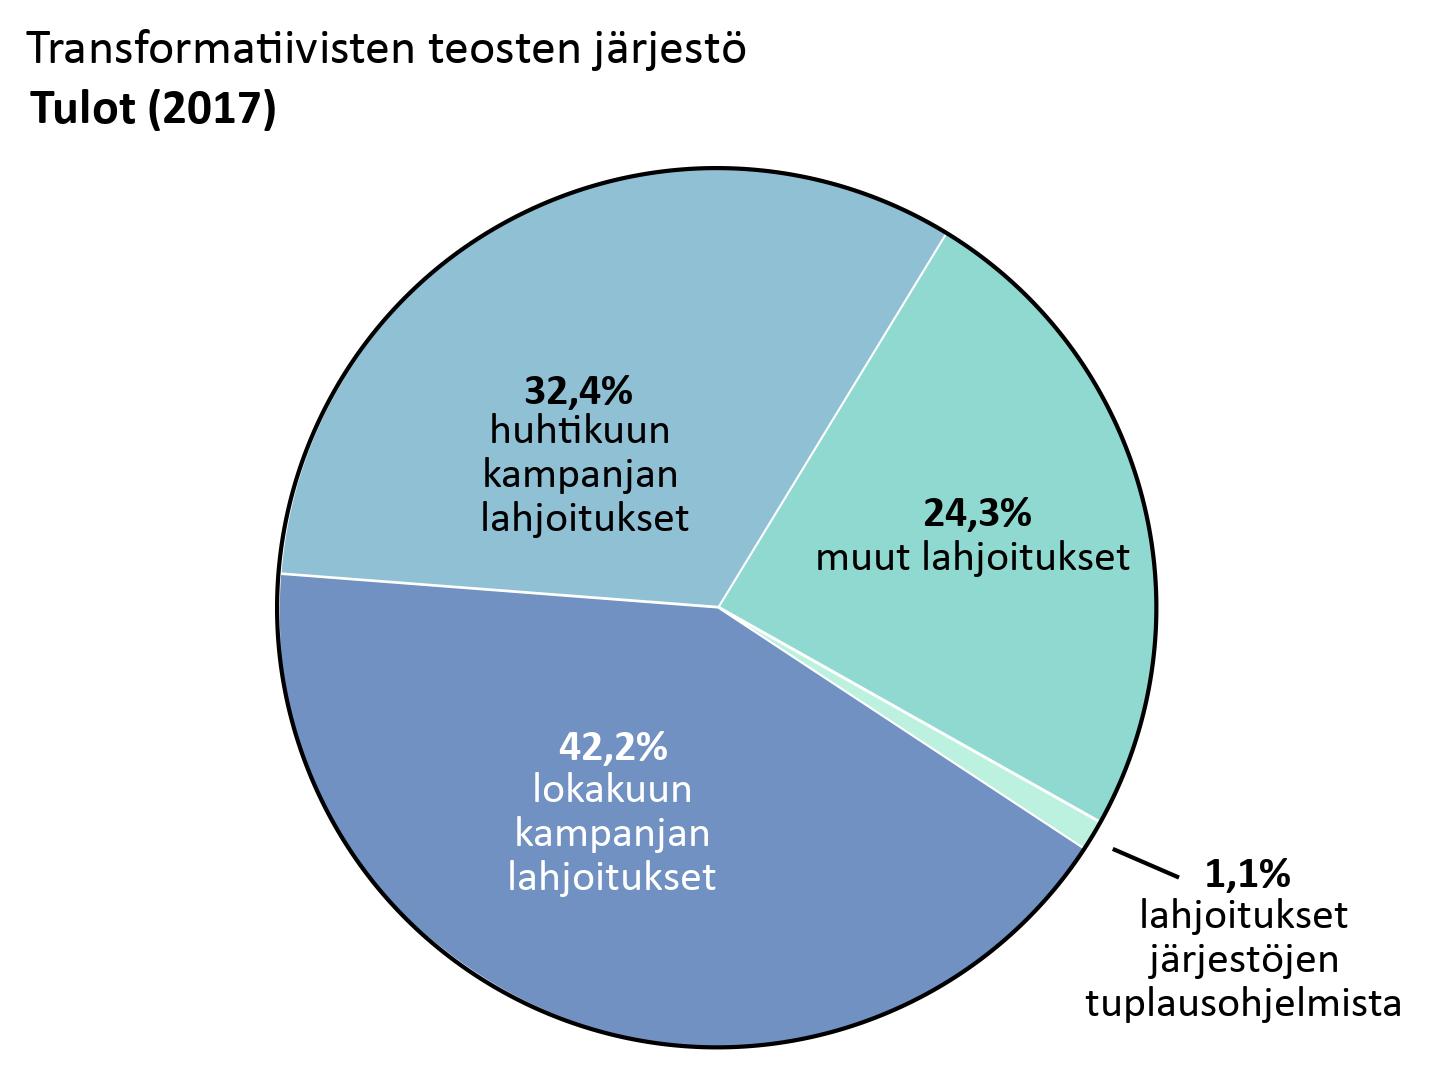 OTW:n tulot: huhtikuun kampanjan lahjoitukset: 32,4%, lokakuun kampanjan lahjoitukset: 42,2%. Muut lahjoitukset: 24,3%. Lahjoitukset järjestöjen tuplausohjelmista: 1,1%.